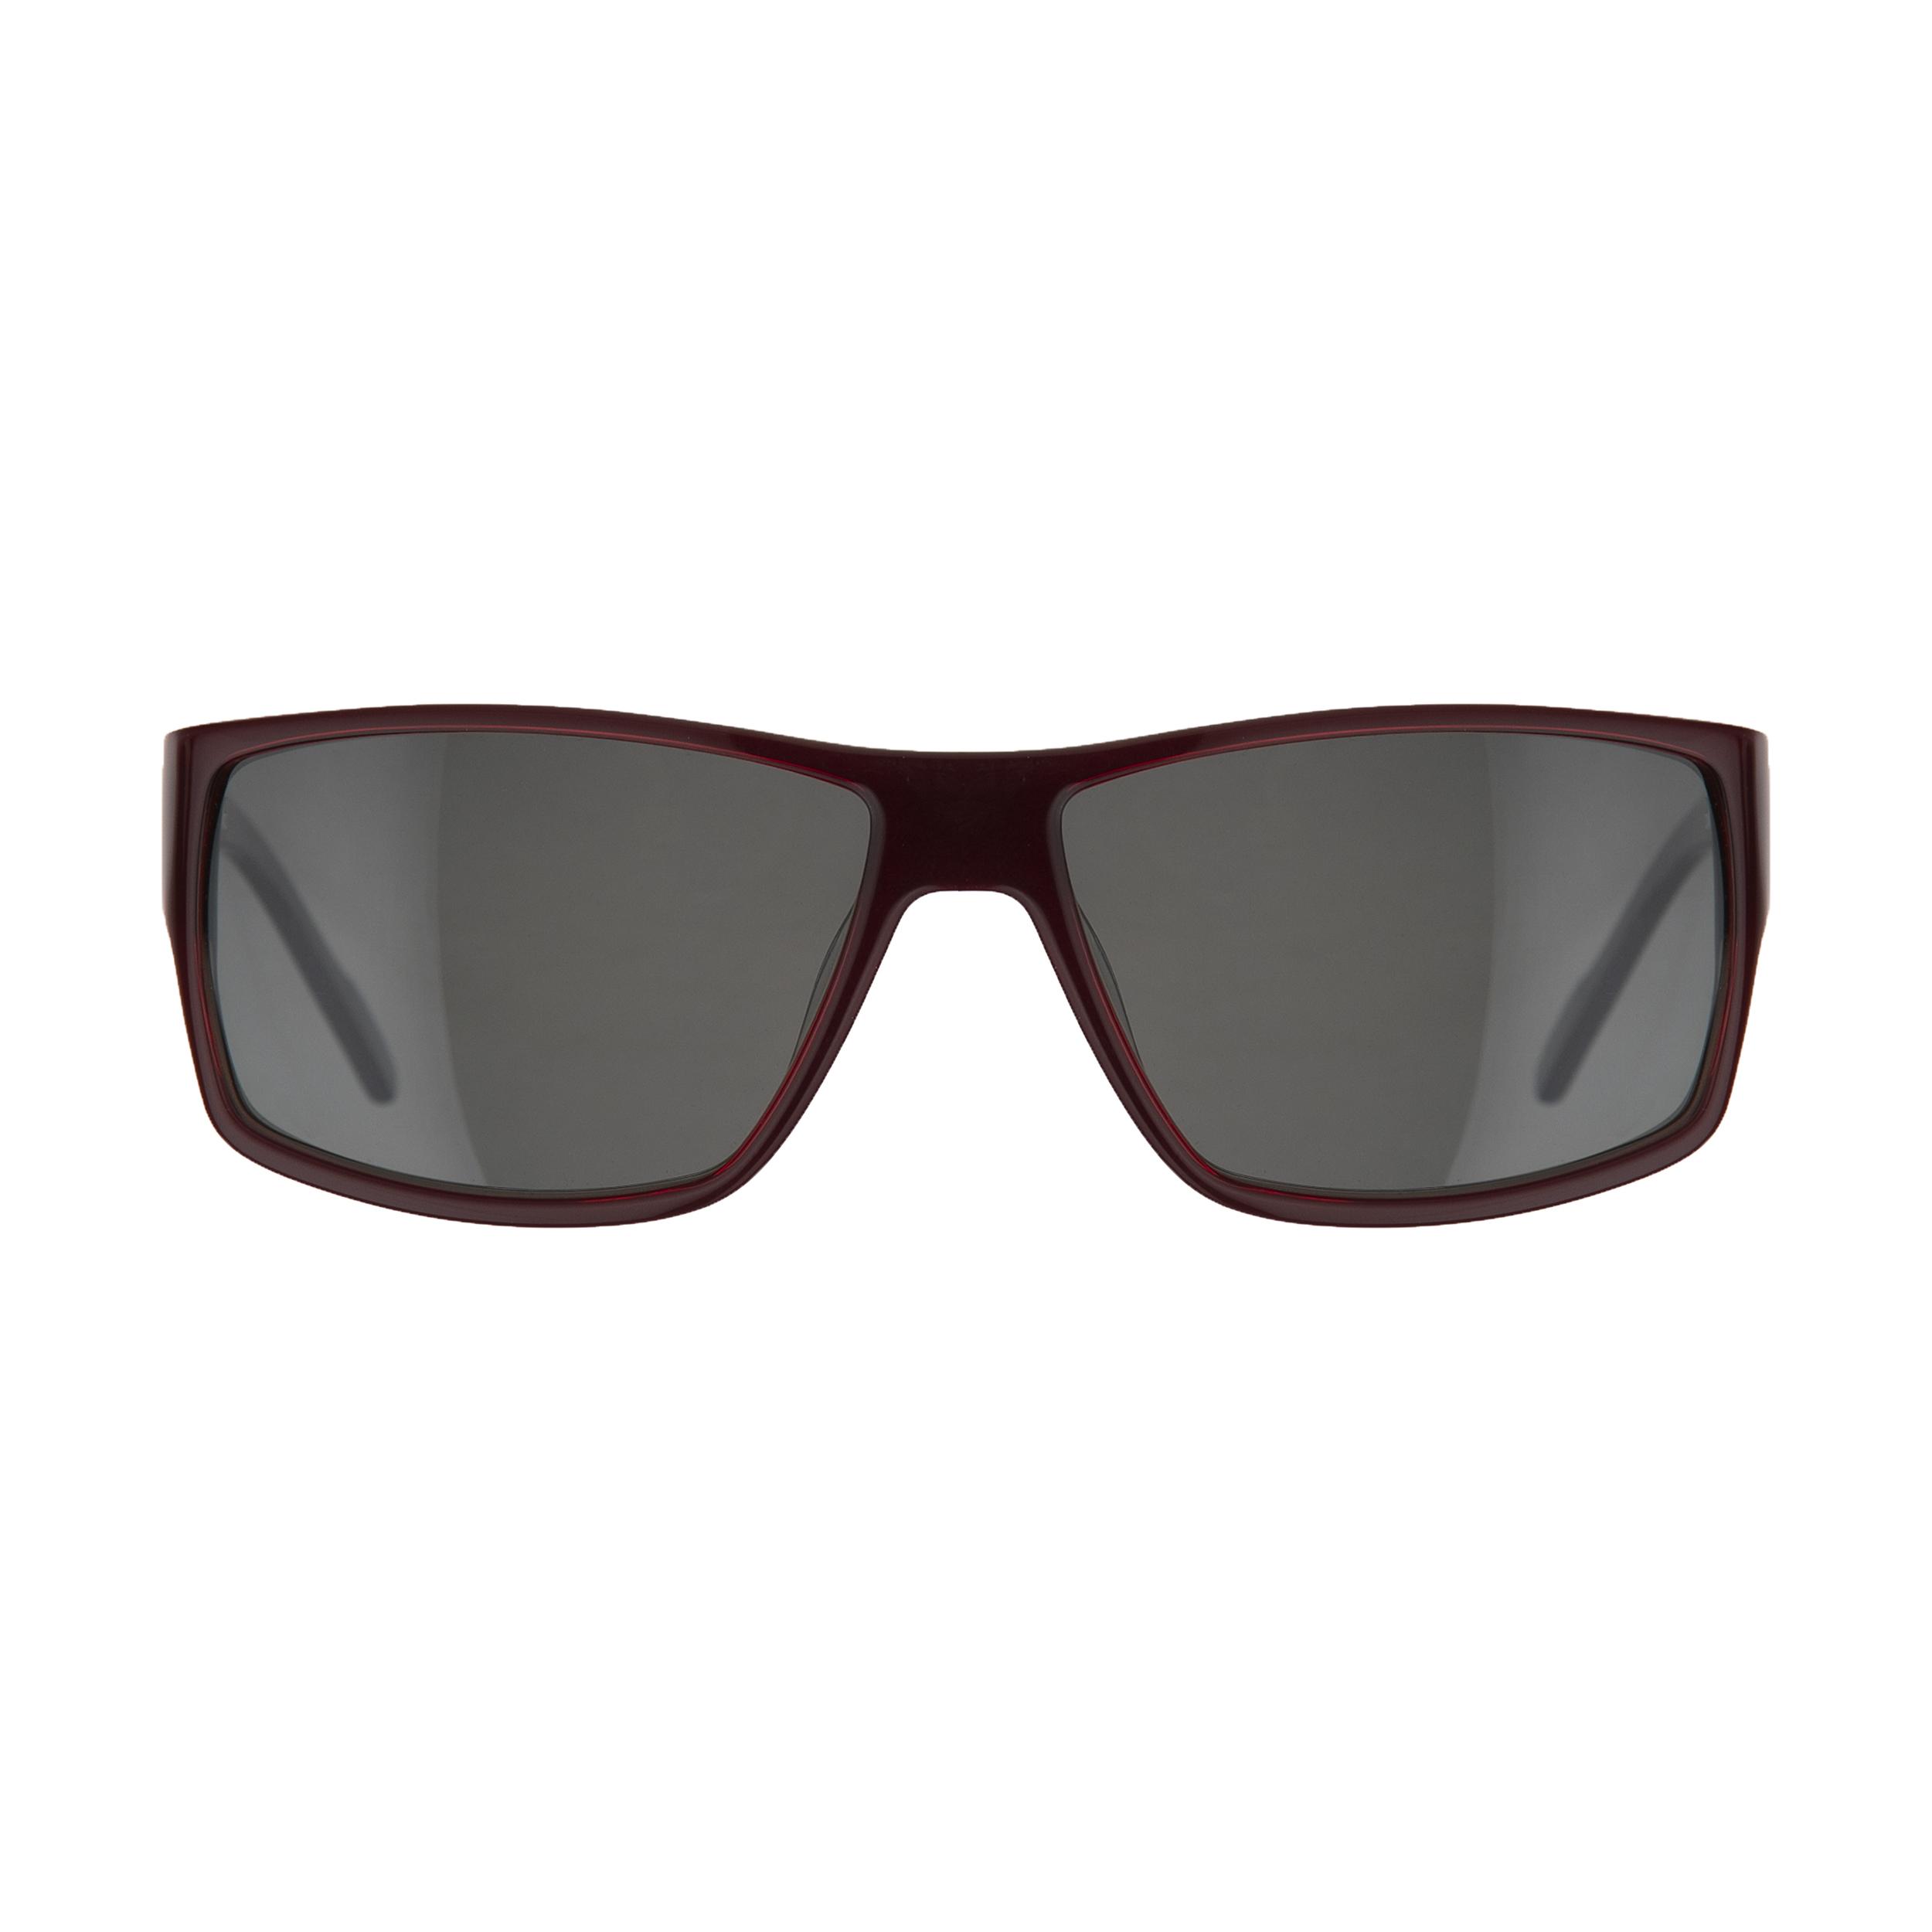 عینک آفتابی مردانه روی رابسون مدل 70012003